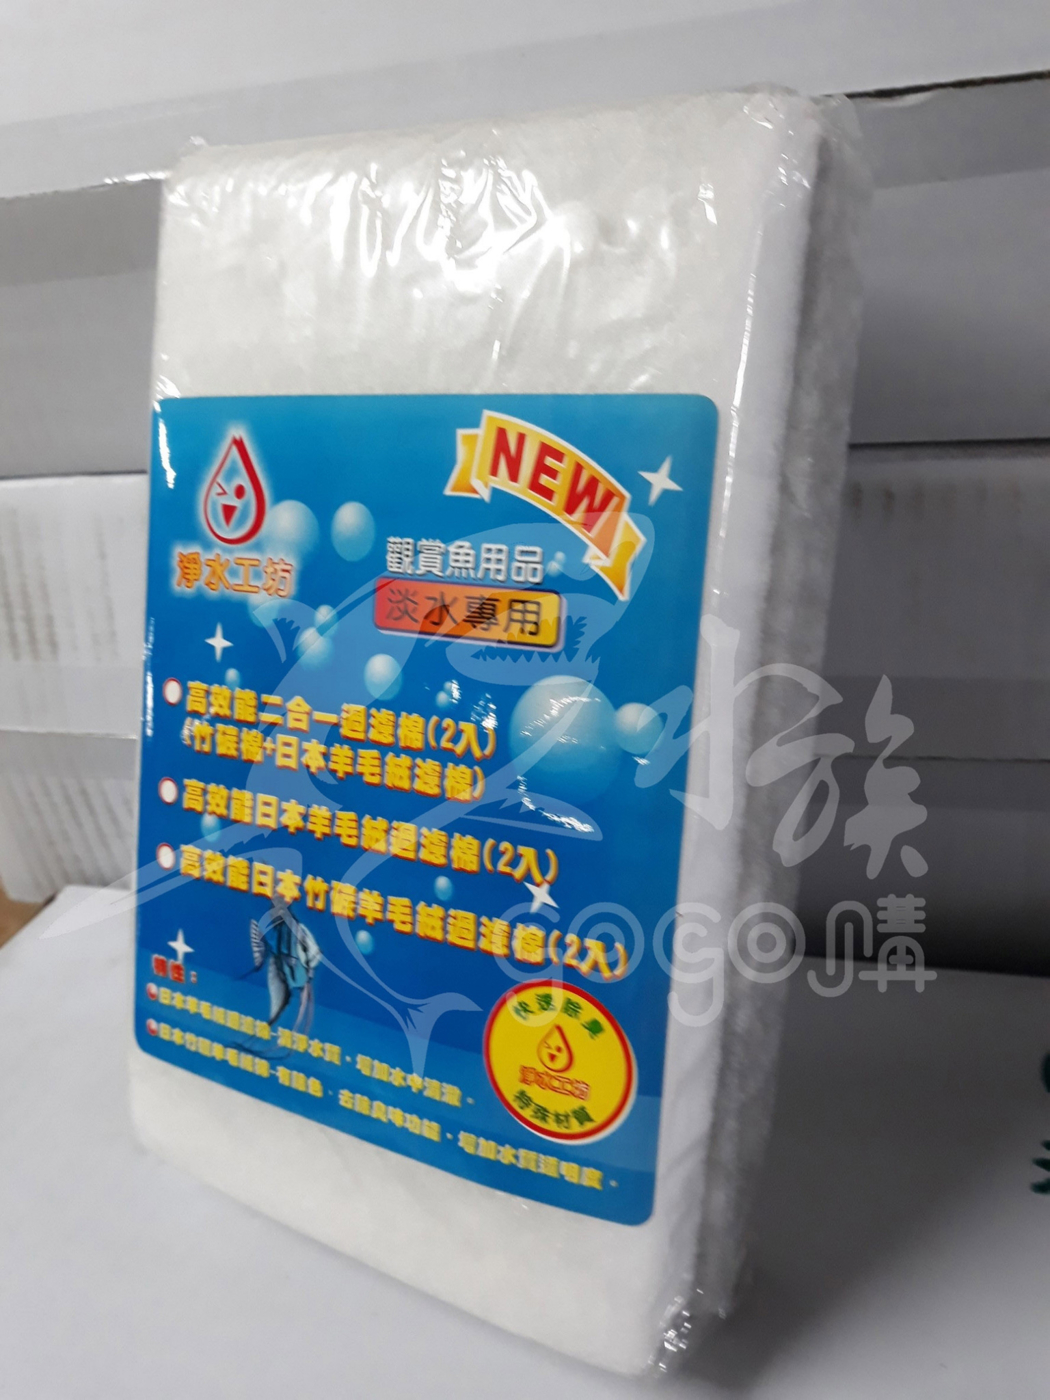 AQ王國淨水工坊灰白竹碳棉羊毛絨過濾棉水質清澈去除臭味過濾棉2入